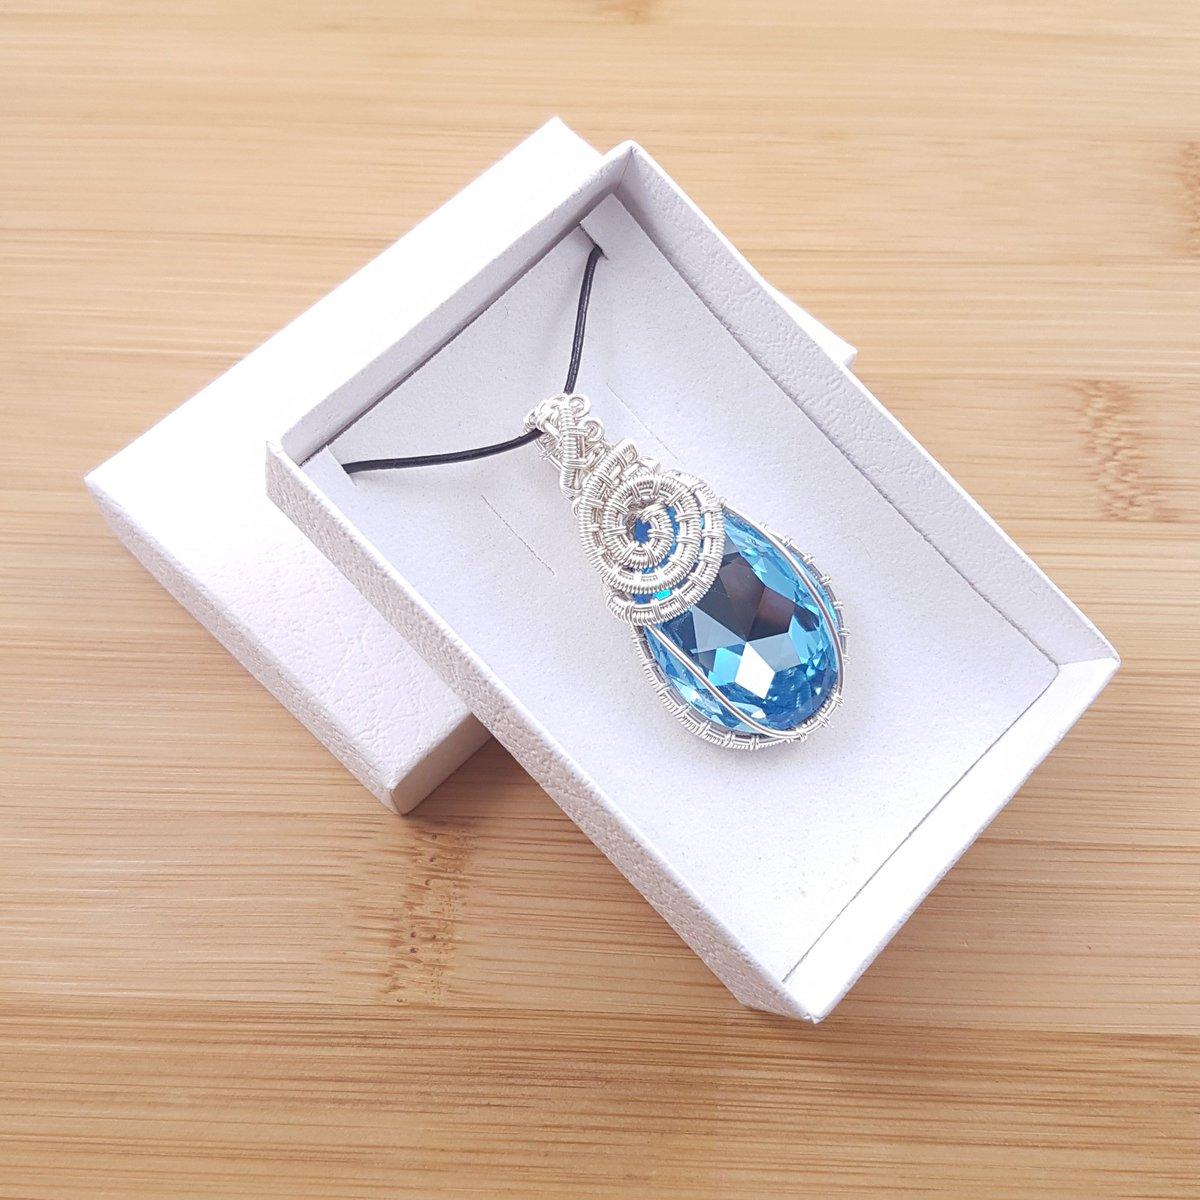 Light blue Swarovski pendant wrapped in silver wire in white box